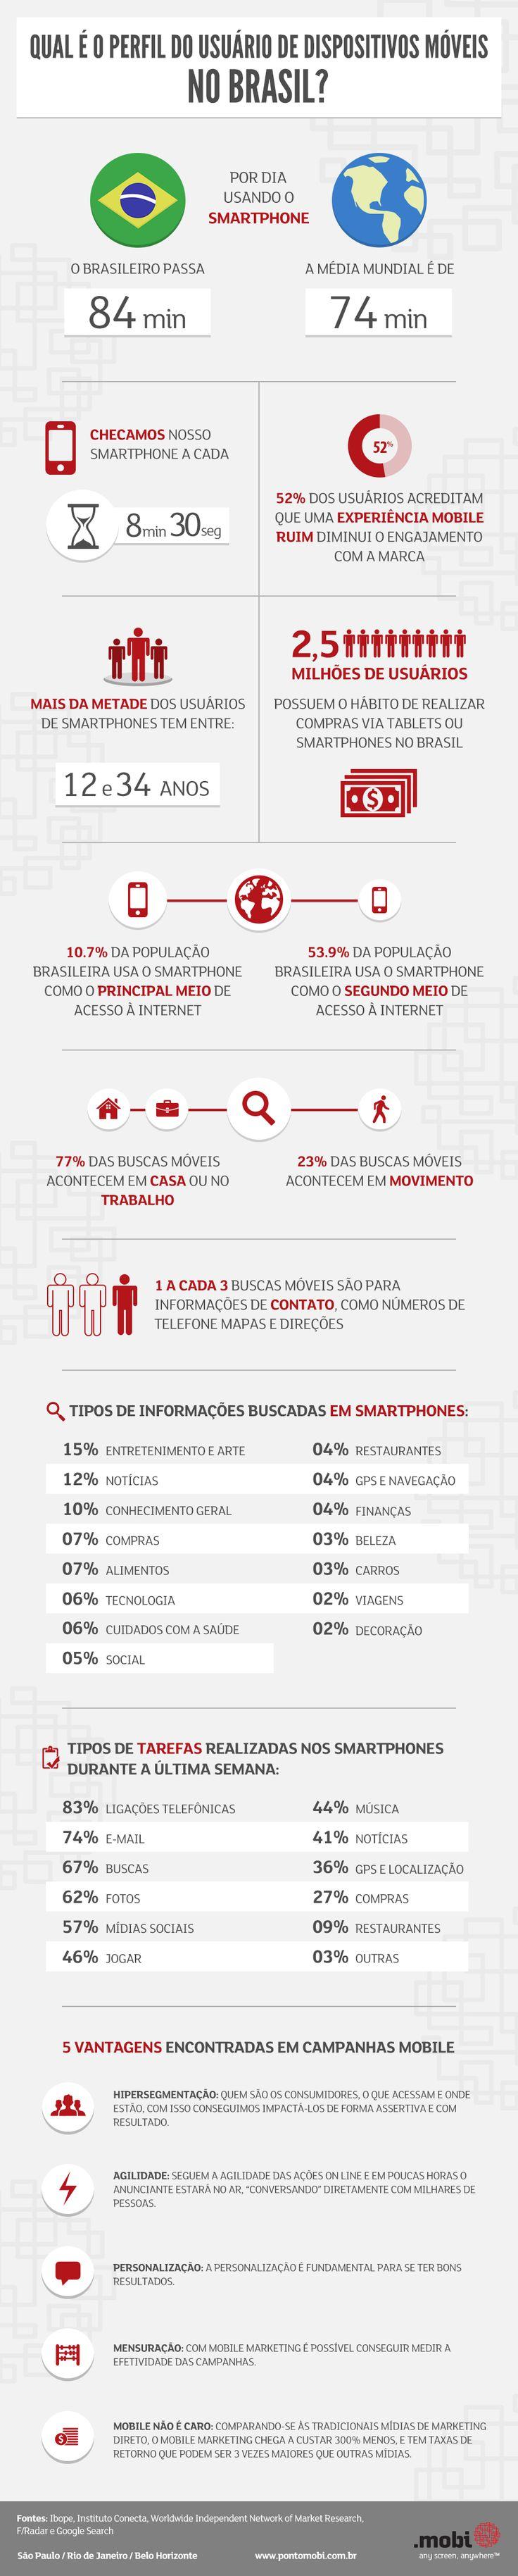 Perfil do usuário de dispositivos móveis